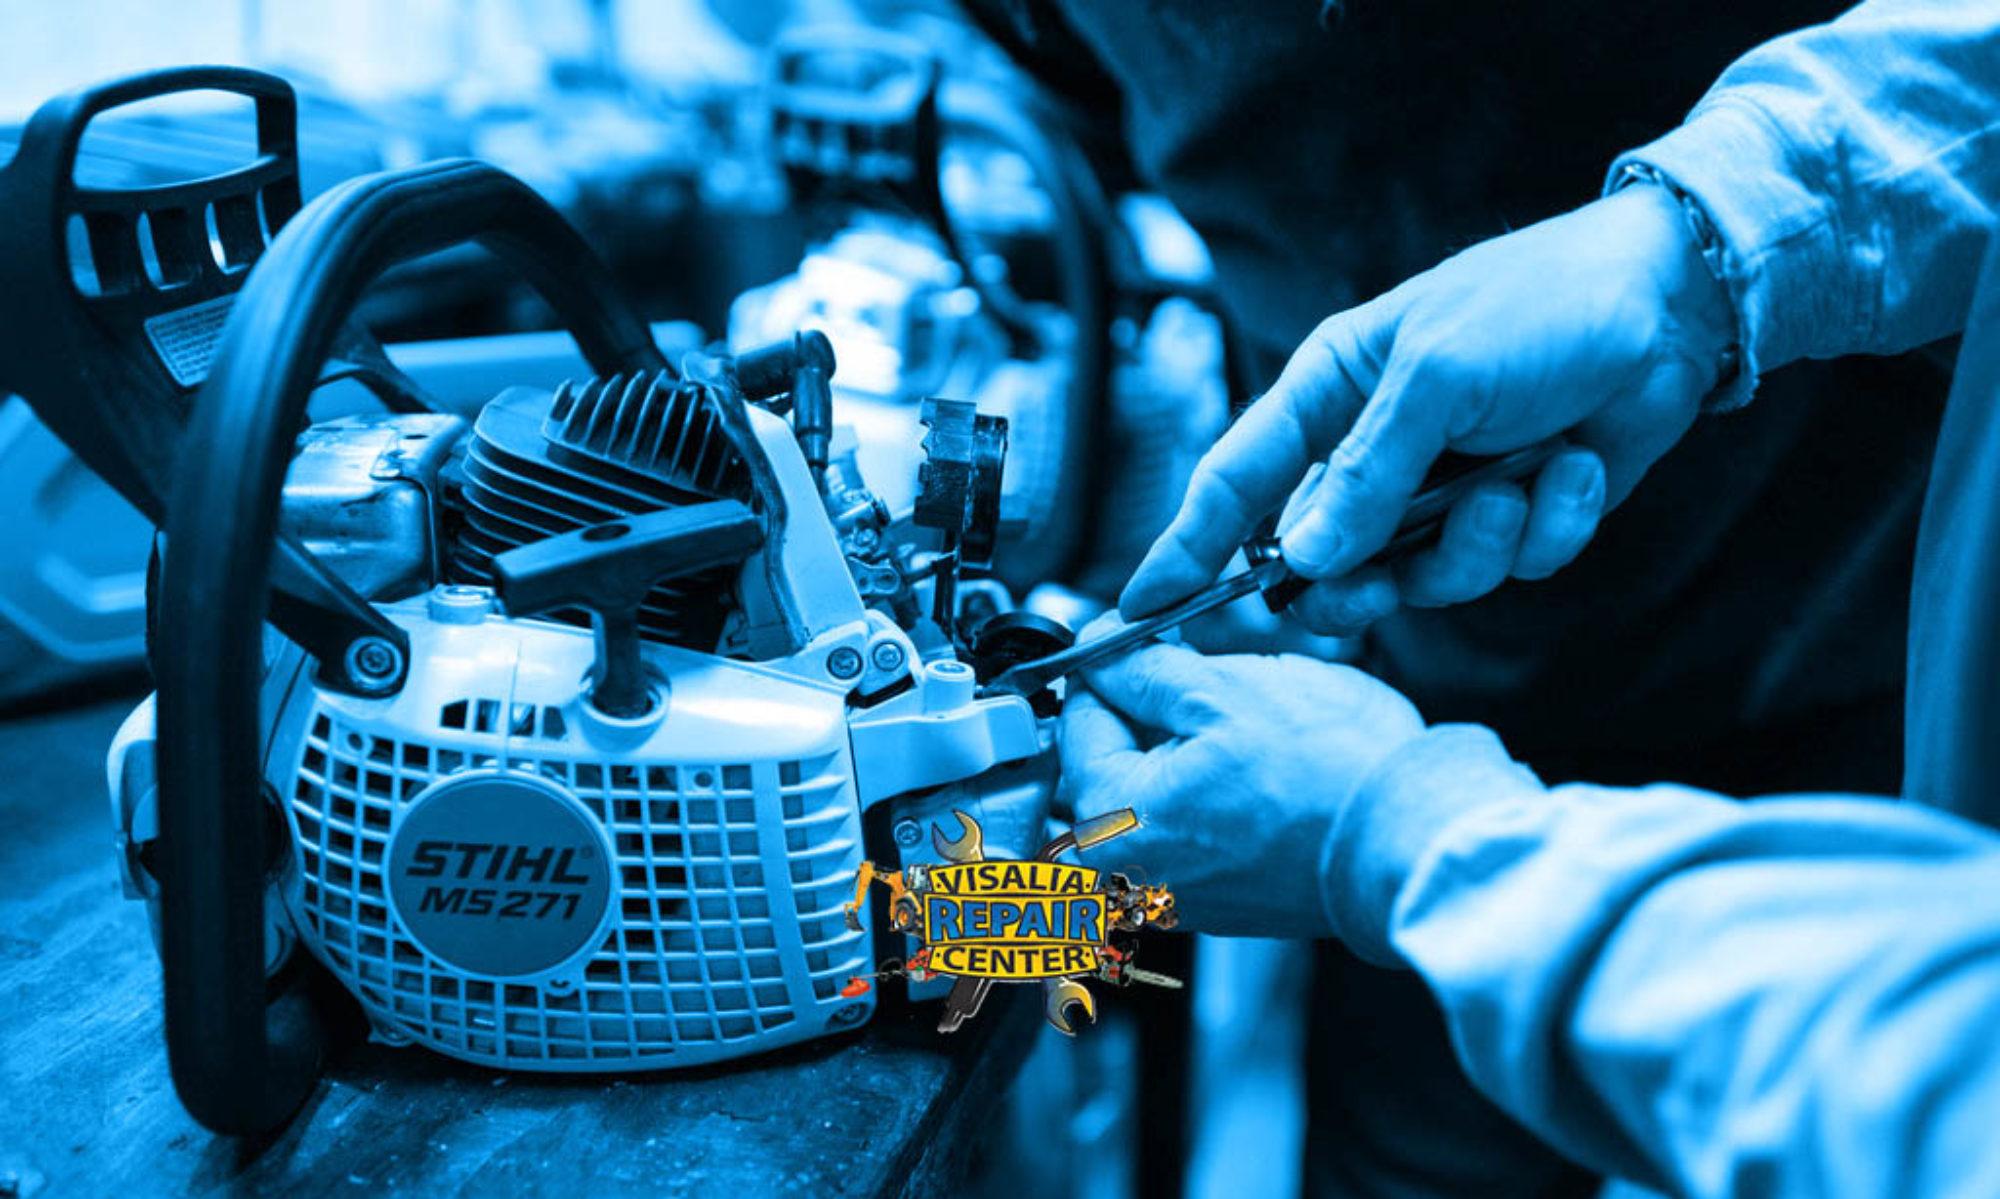 Visalia Repair Center